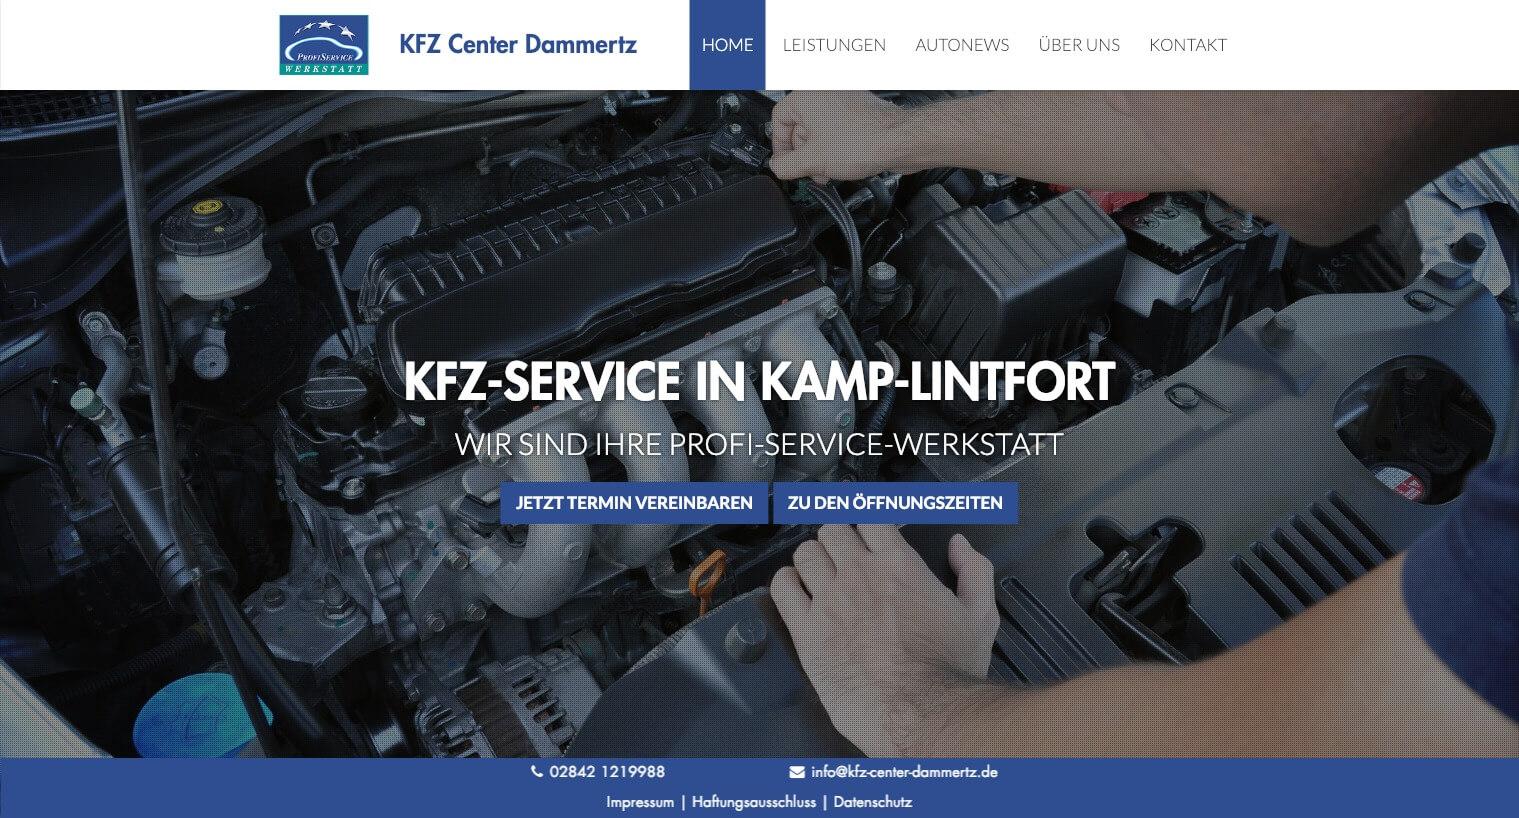 Image of Full-Service Autowerkstatt: Kfz Center Dammertz in Kamp-Lintfort